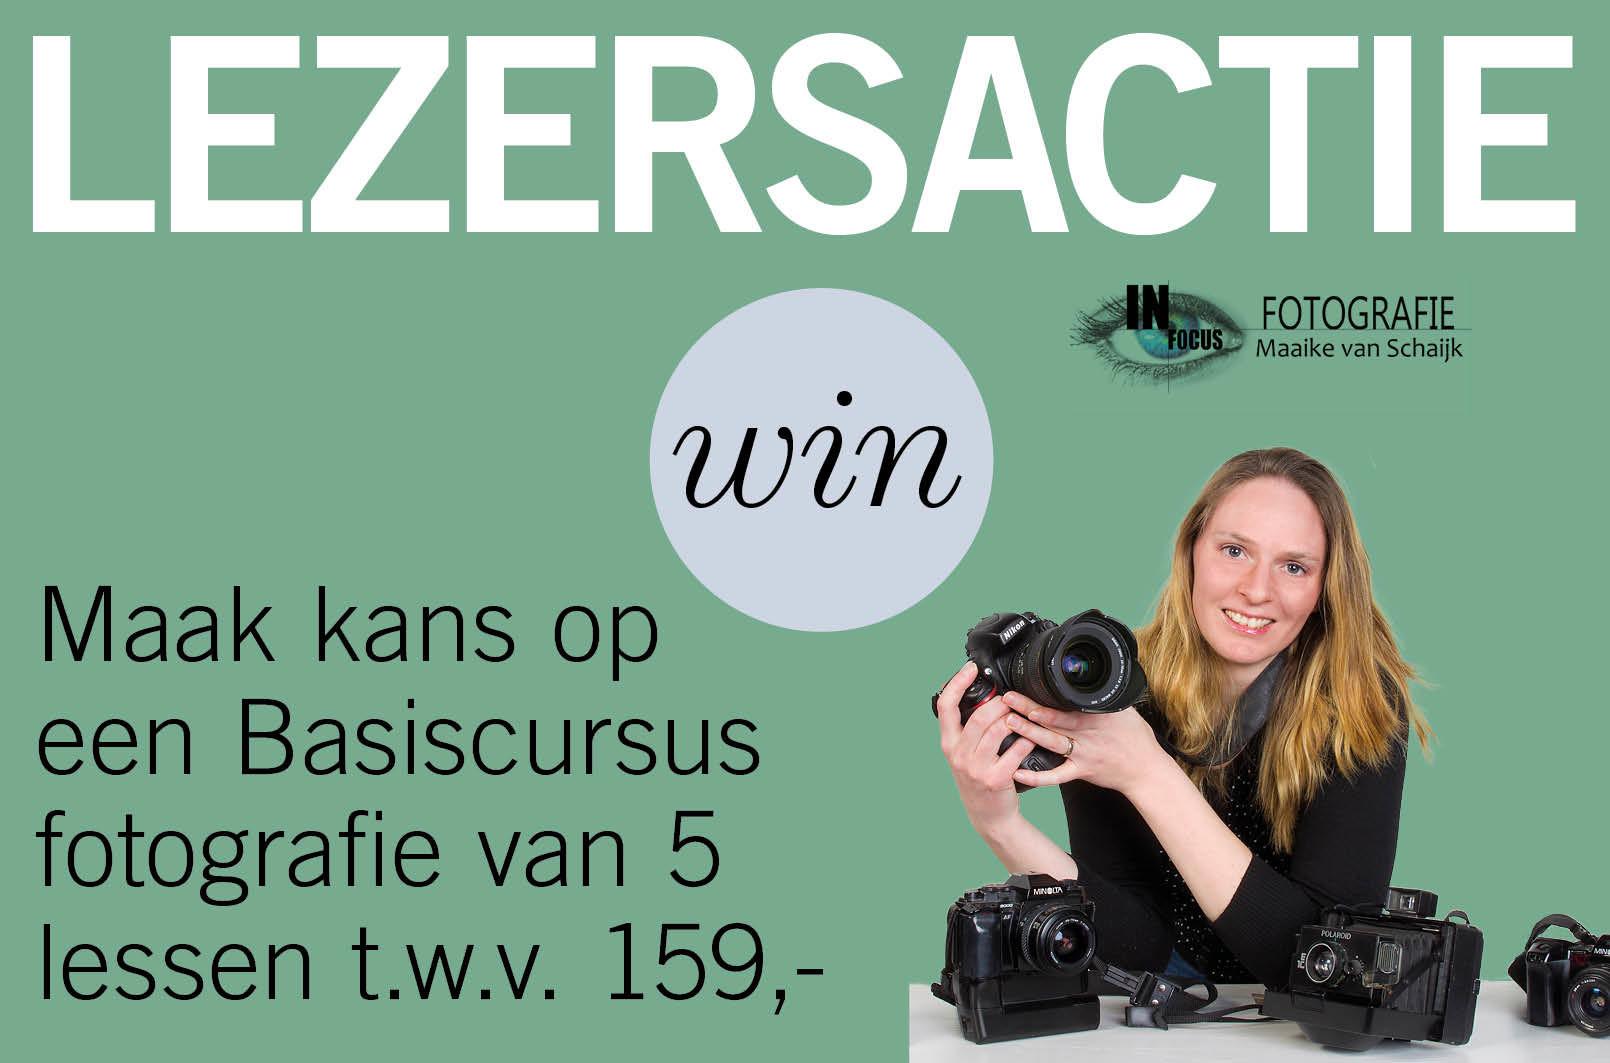 Maak kans op een Basiscursus fotografie van 5 lessen t.w.v. 159,- bij In Focus Fotografie - Maaike van Schaijk